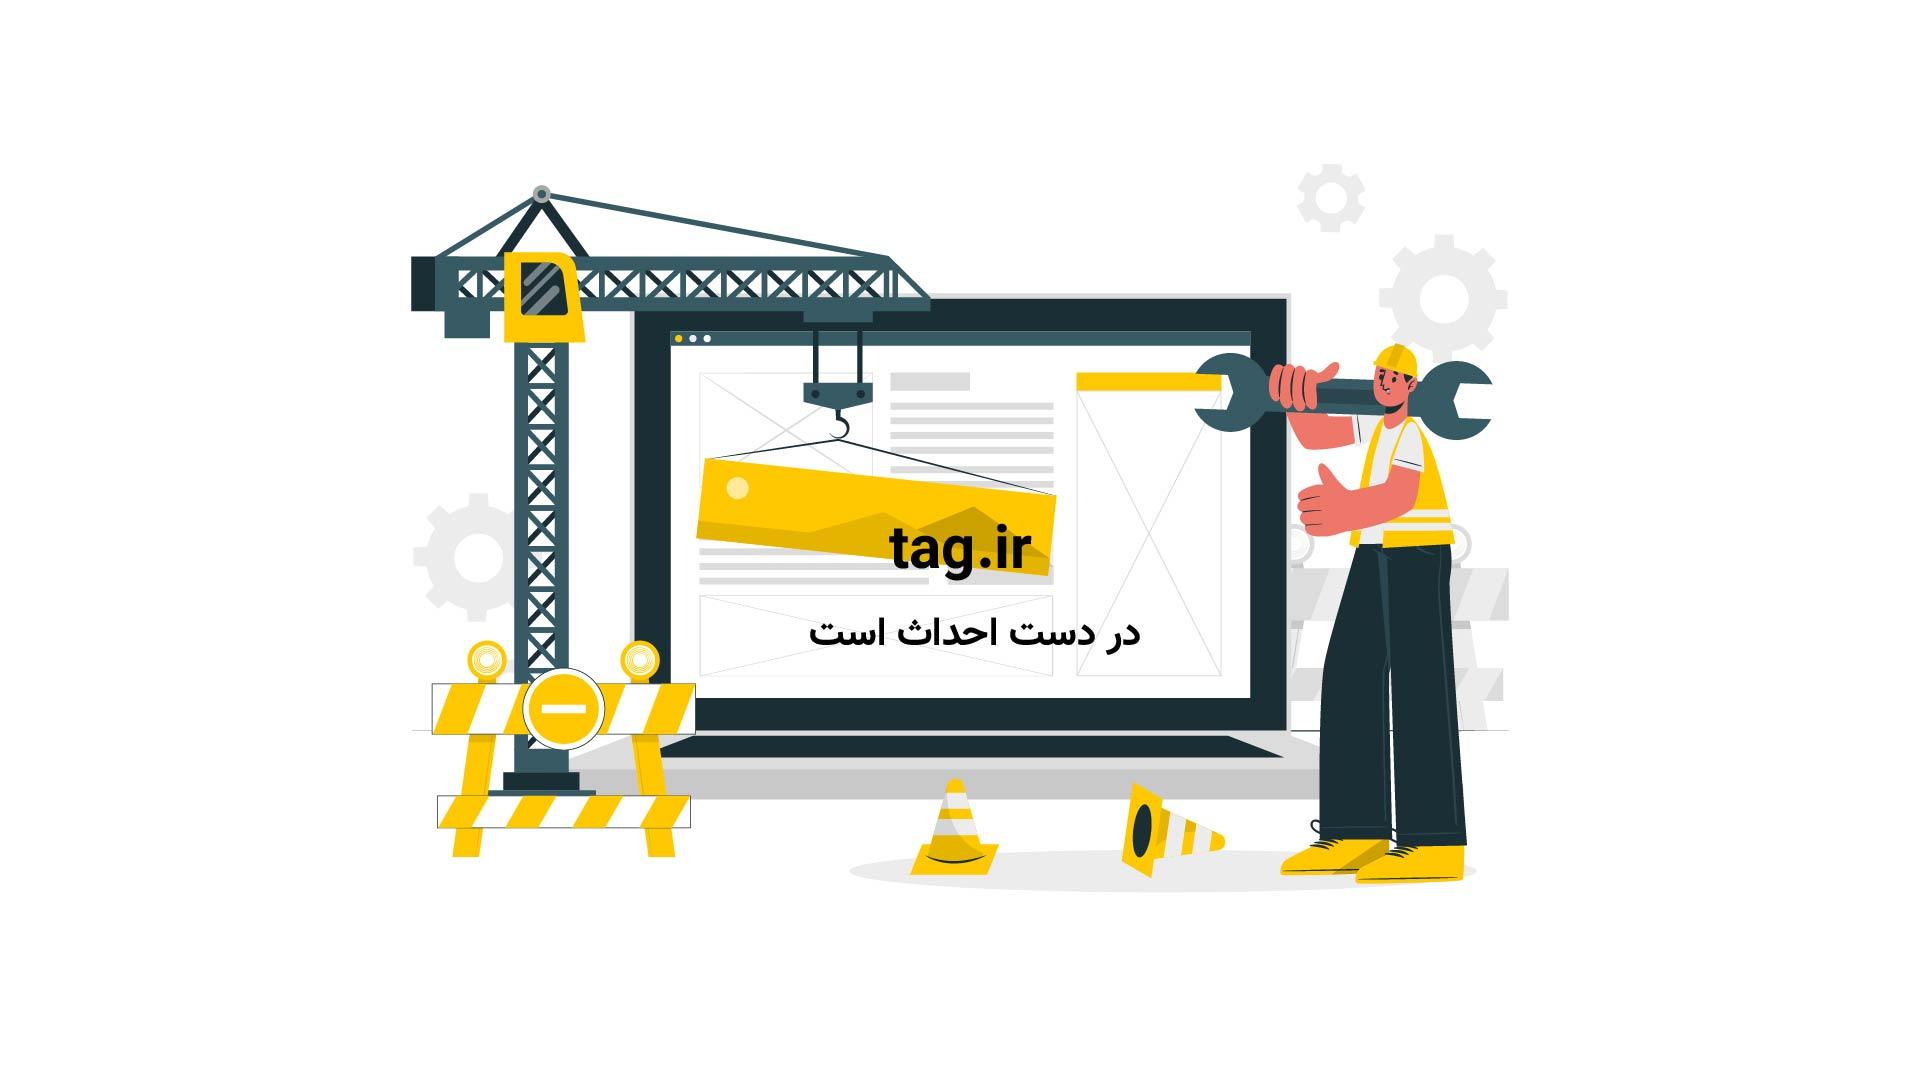 آموزش تهیه بستنی با برش هندوانه ای | فیلم